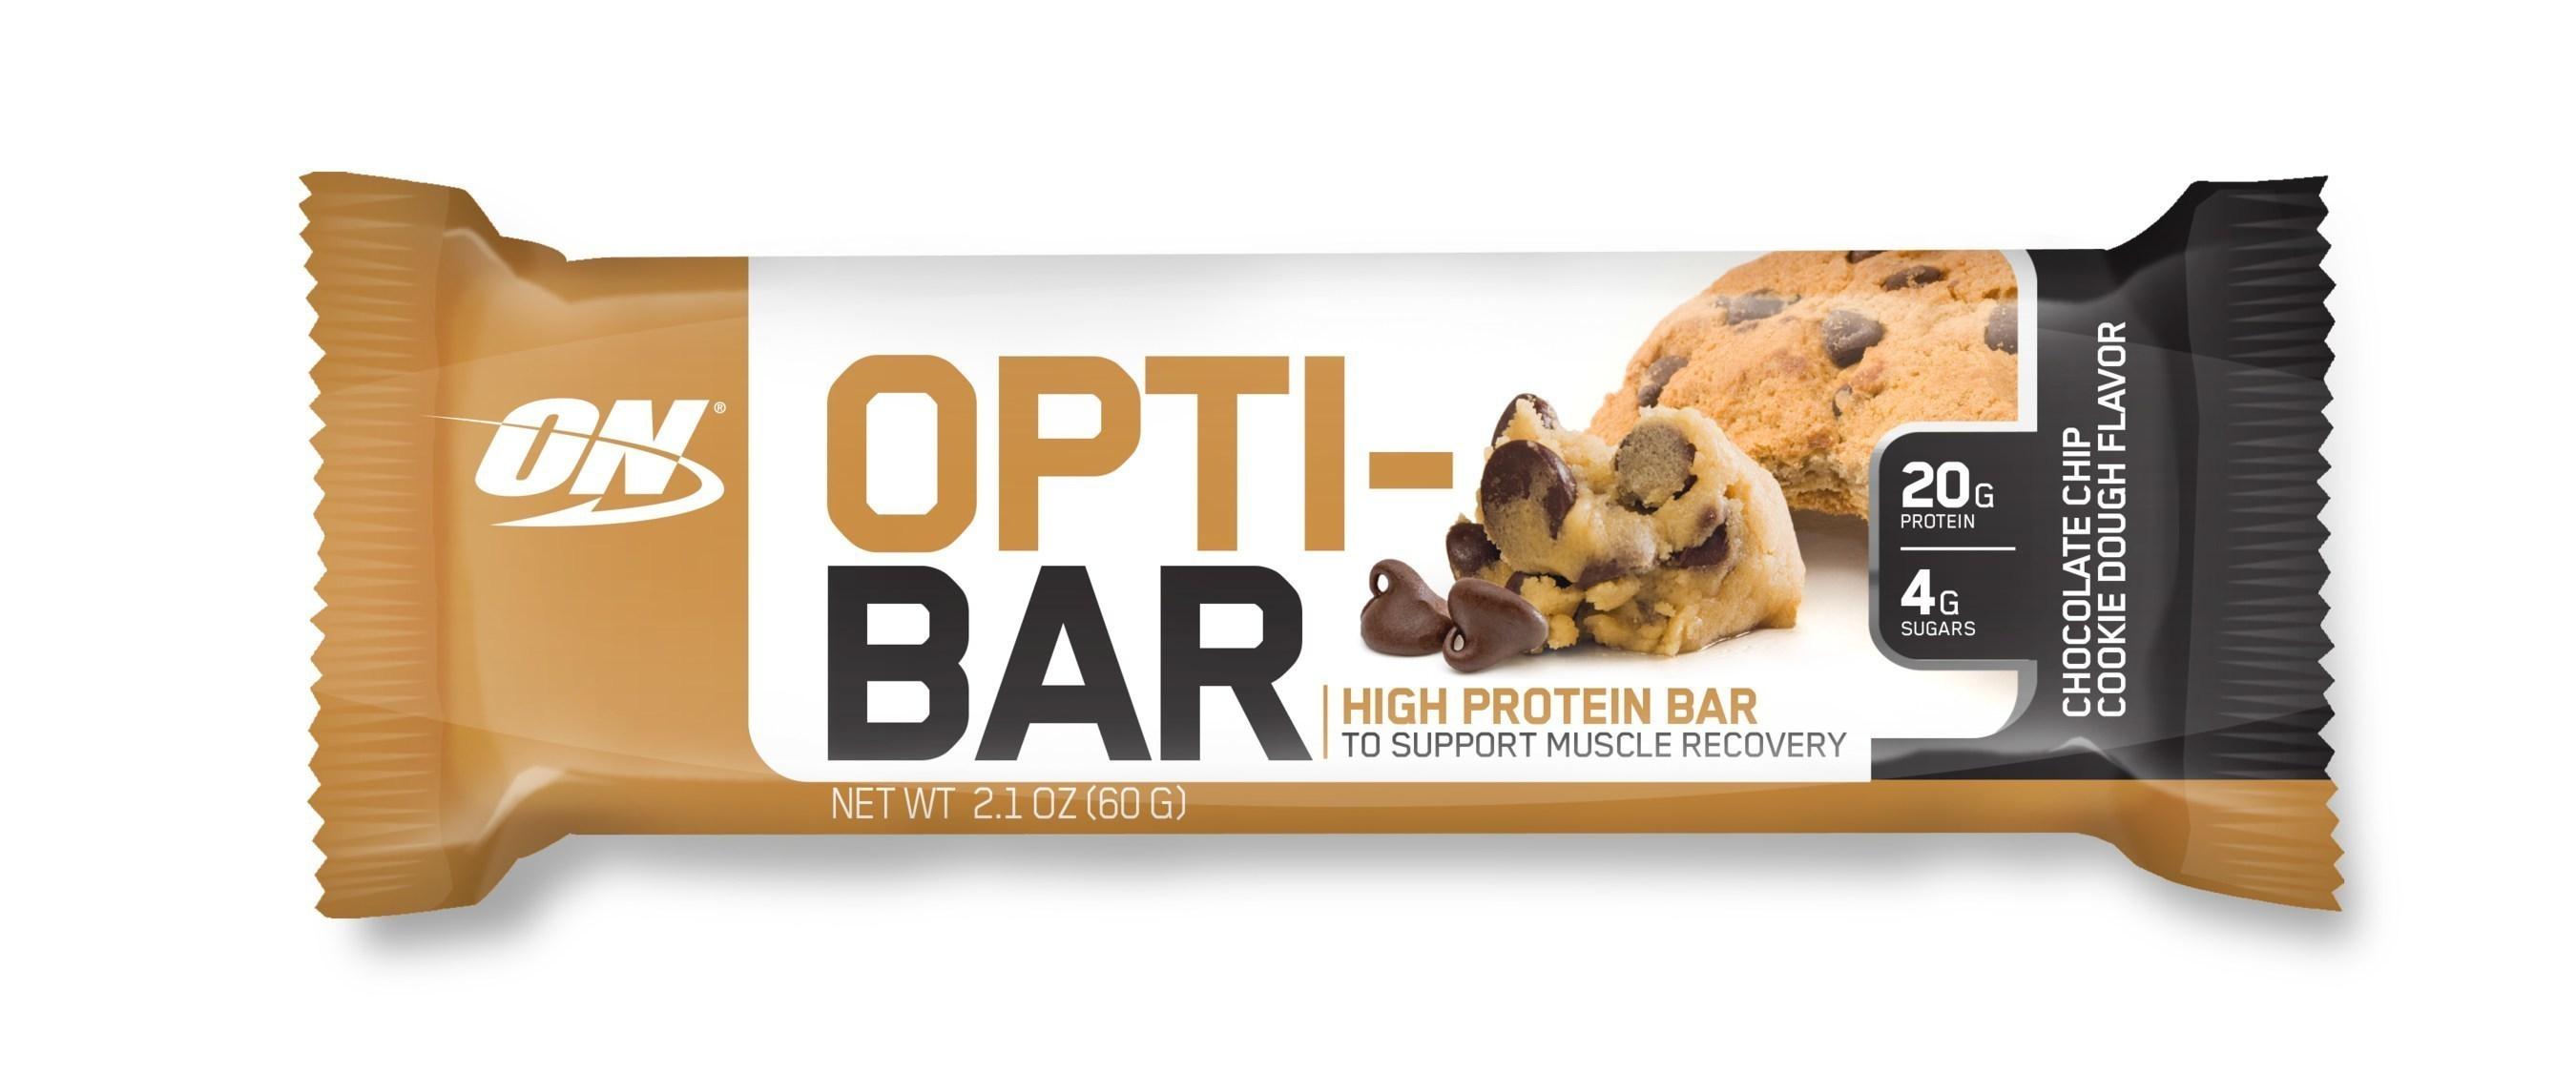 Optimum Nutrition Opti-Bar Protein